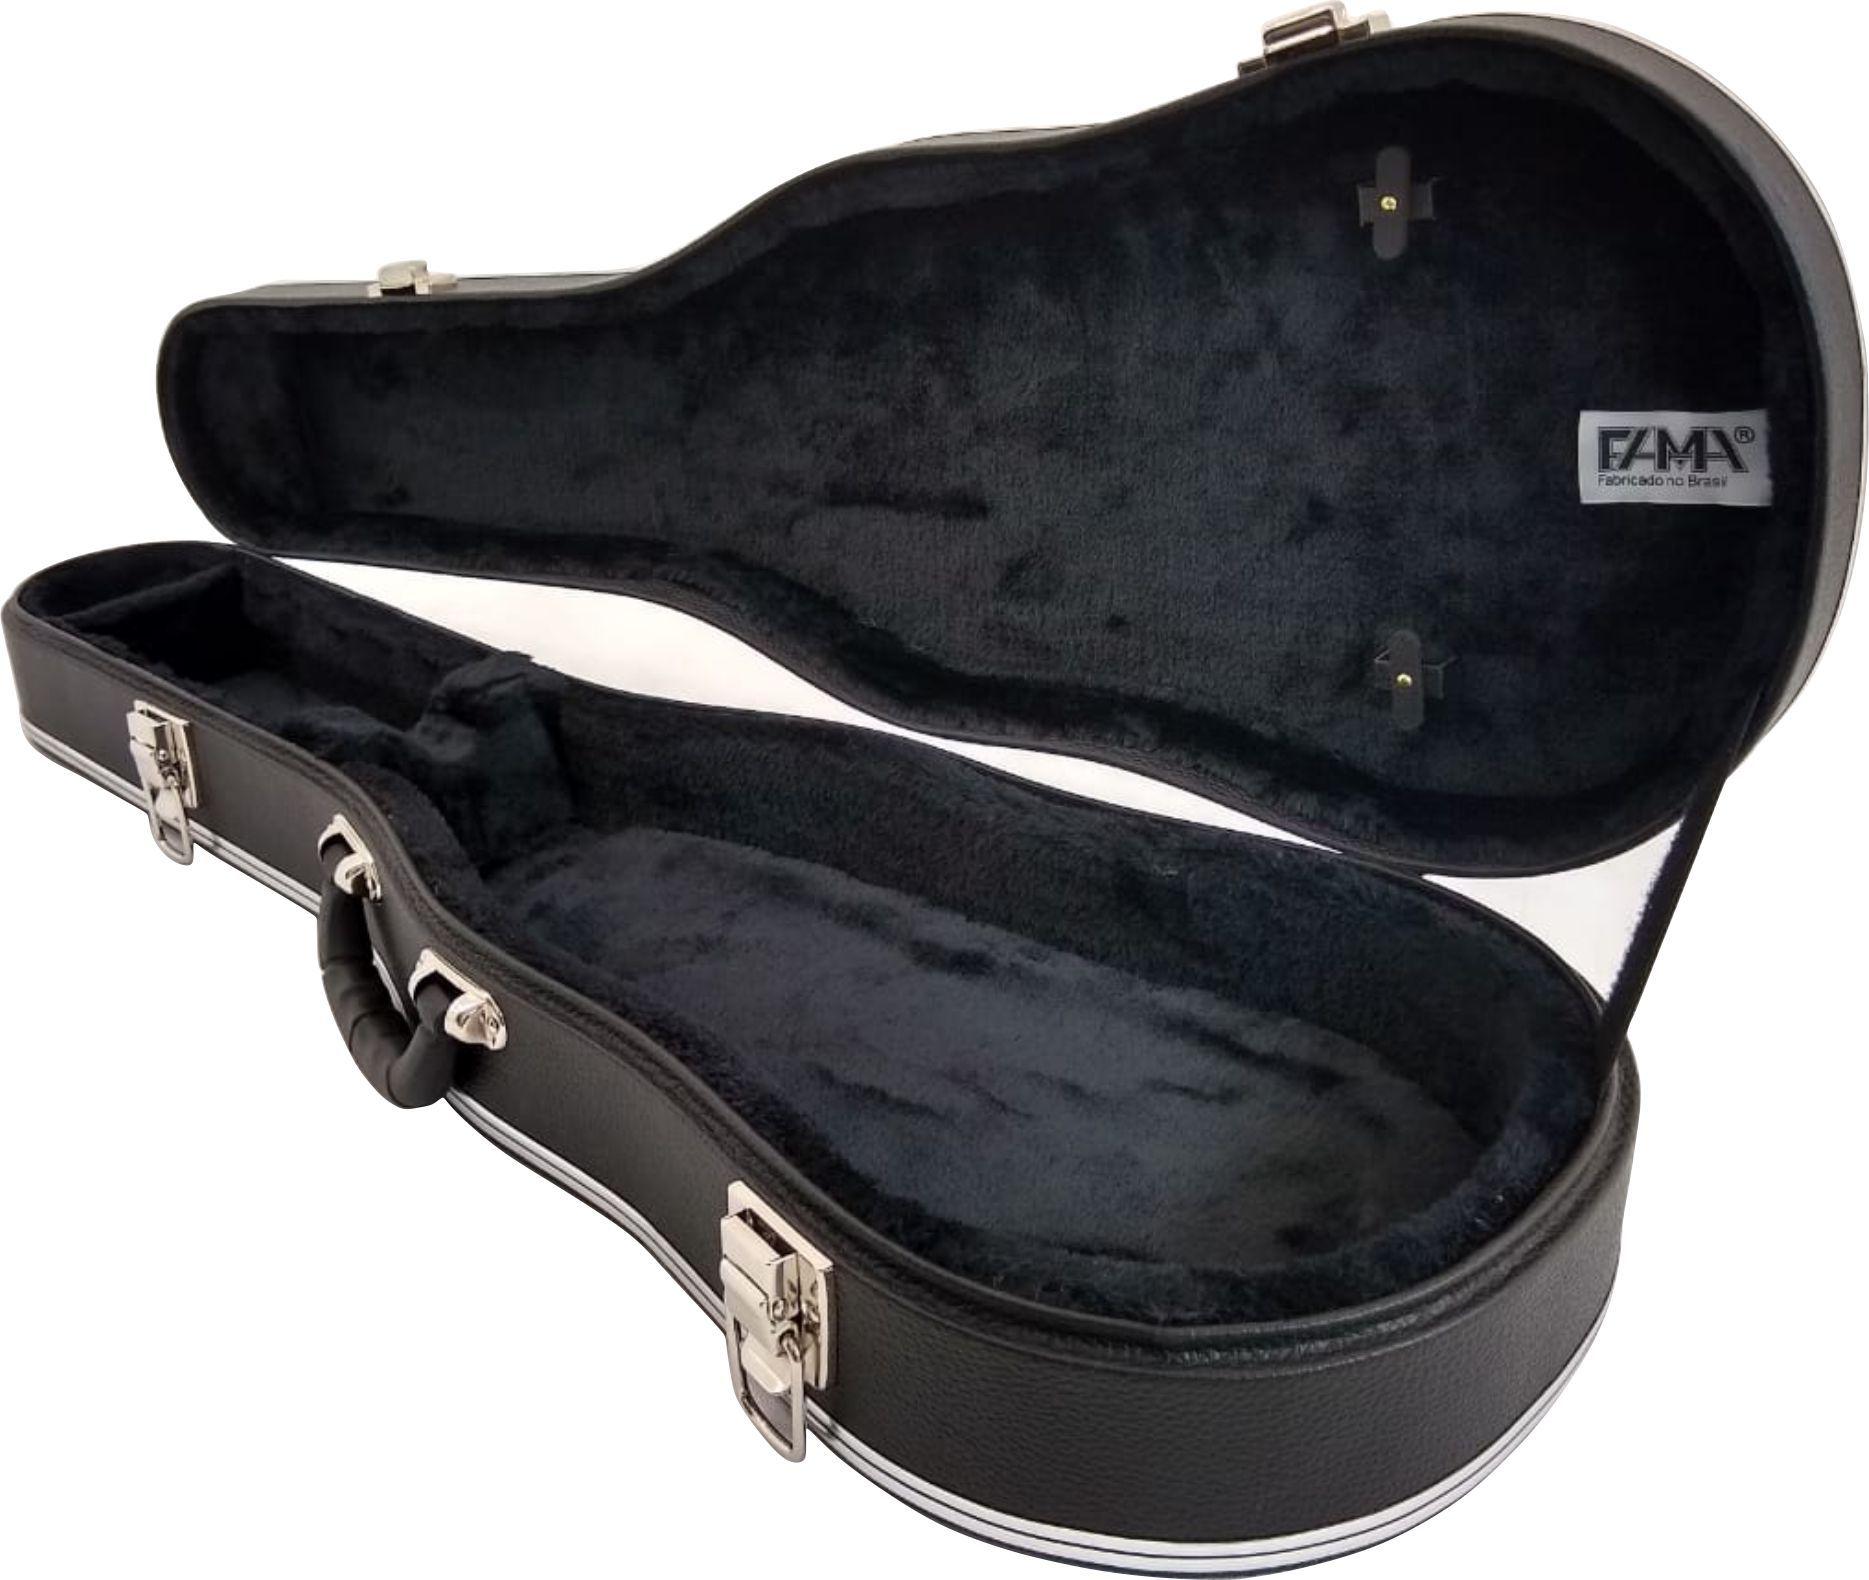 Estojo Case Para Violino 4/4 Luxo Fama Couro Sintético